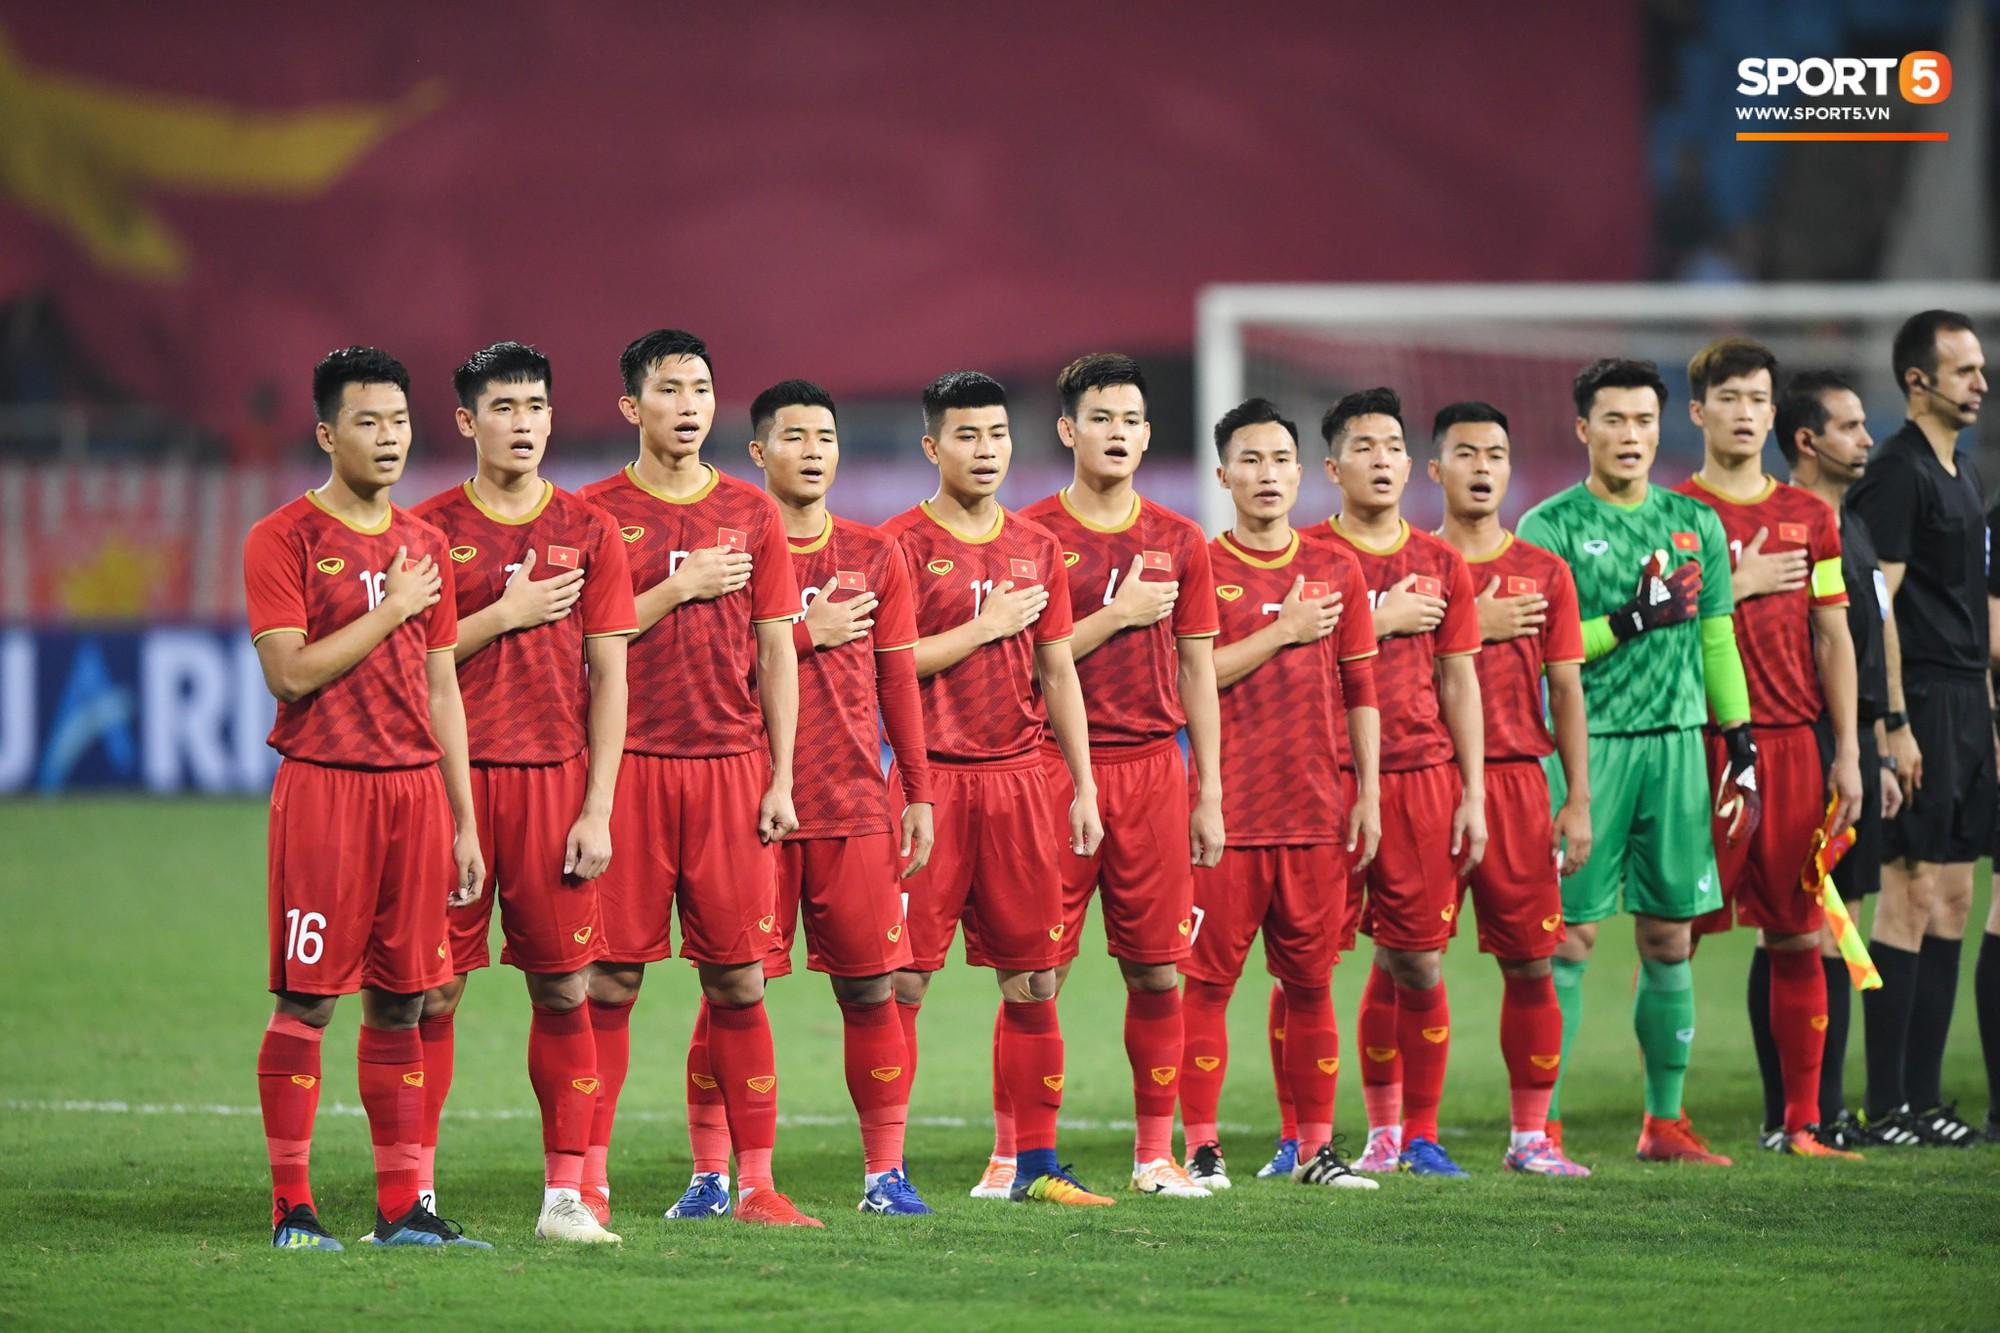 """sea games 2019 - photo 1 15555578496141324269358 - Fan tỏ ra thích thú khi U22 Việt Nam thuộc """"nhóm vô hại"""" ở SEA Games 2019"""